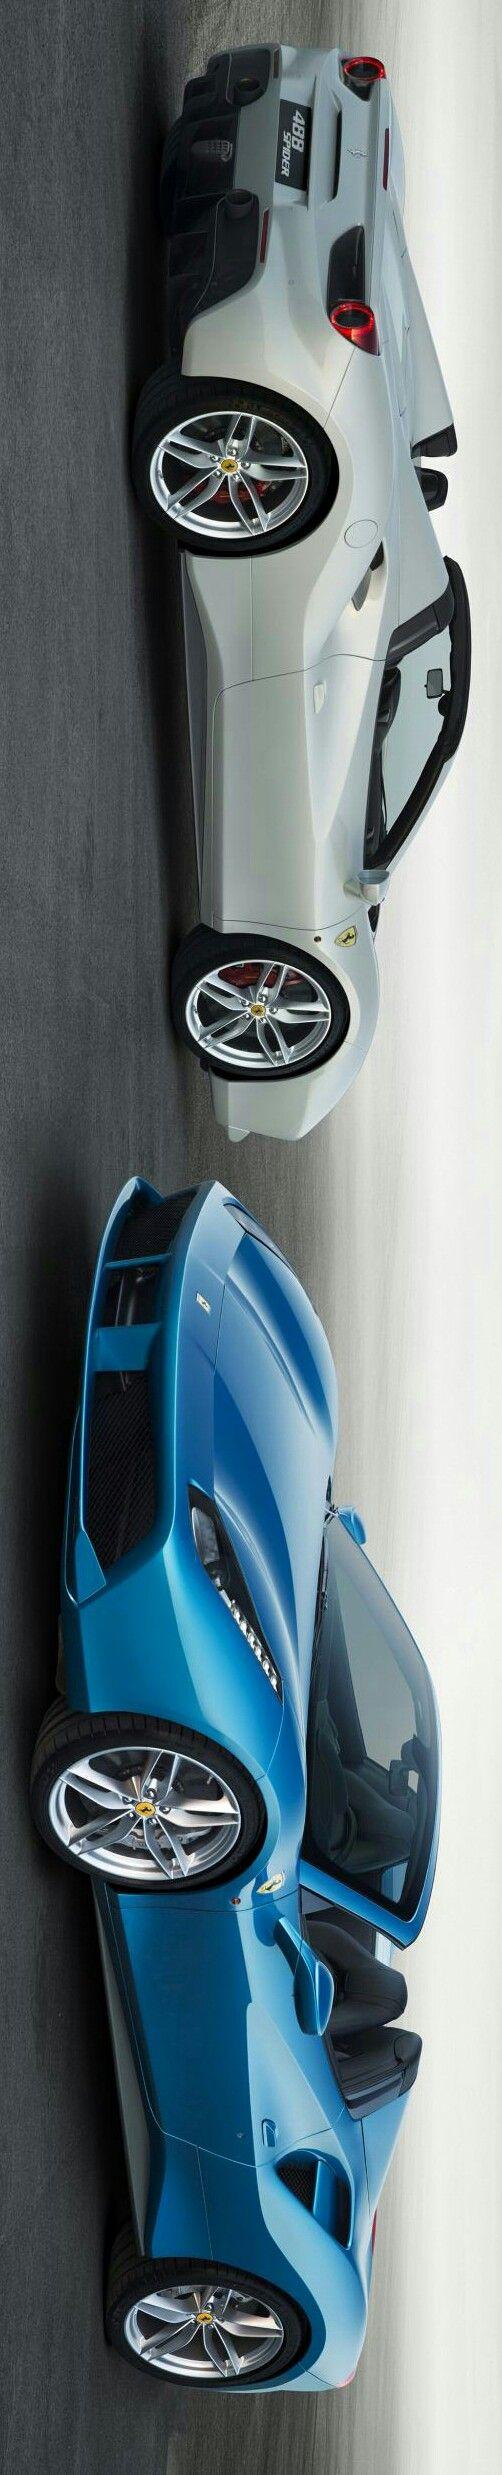 2016 Ferrari 488 Spider by Levon